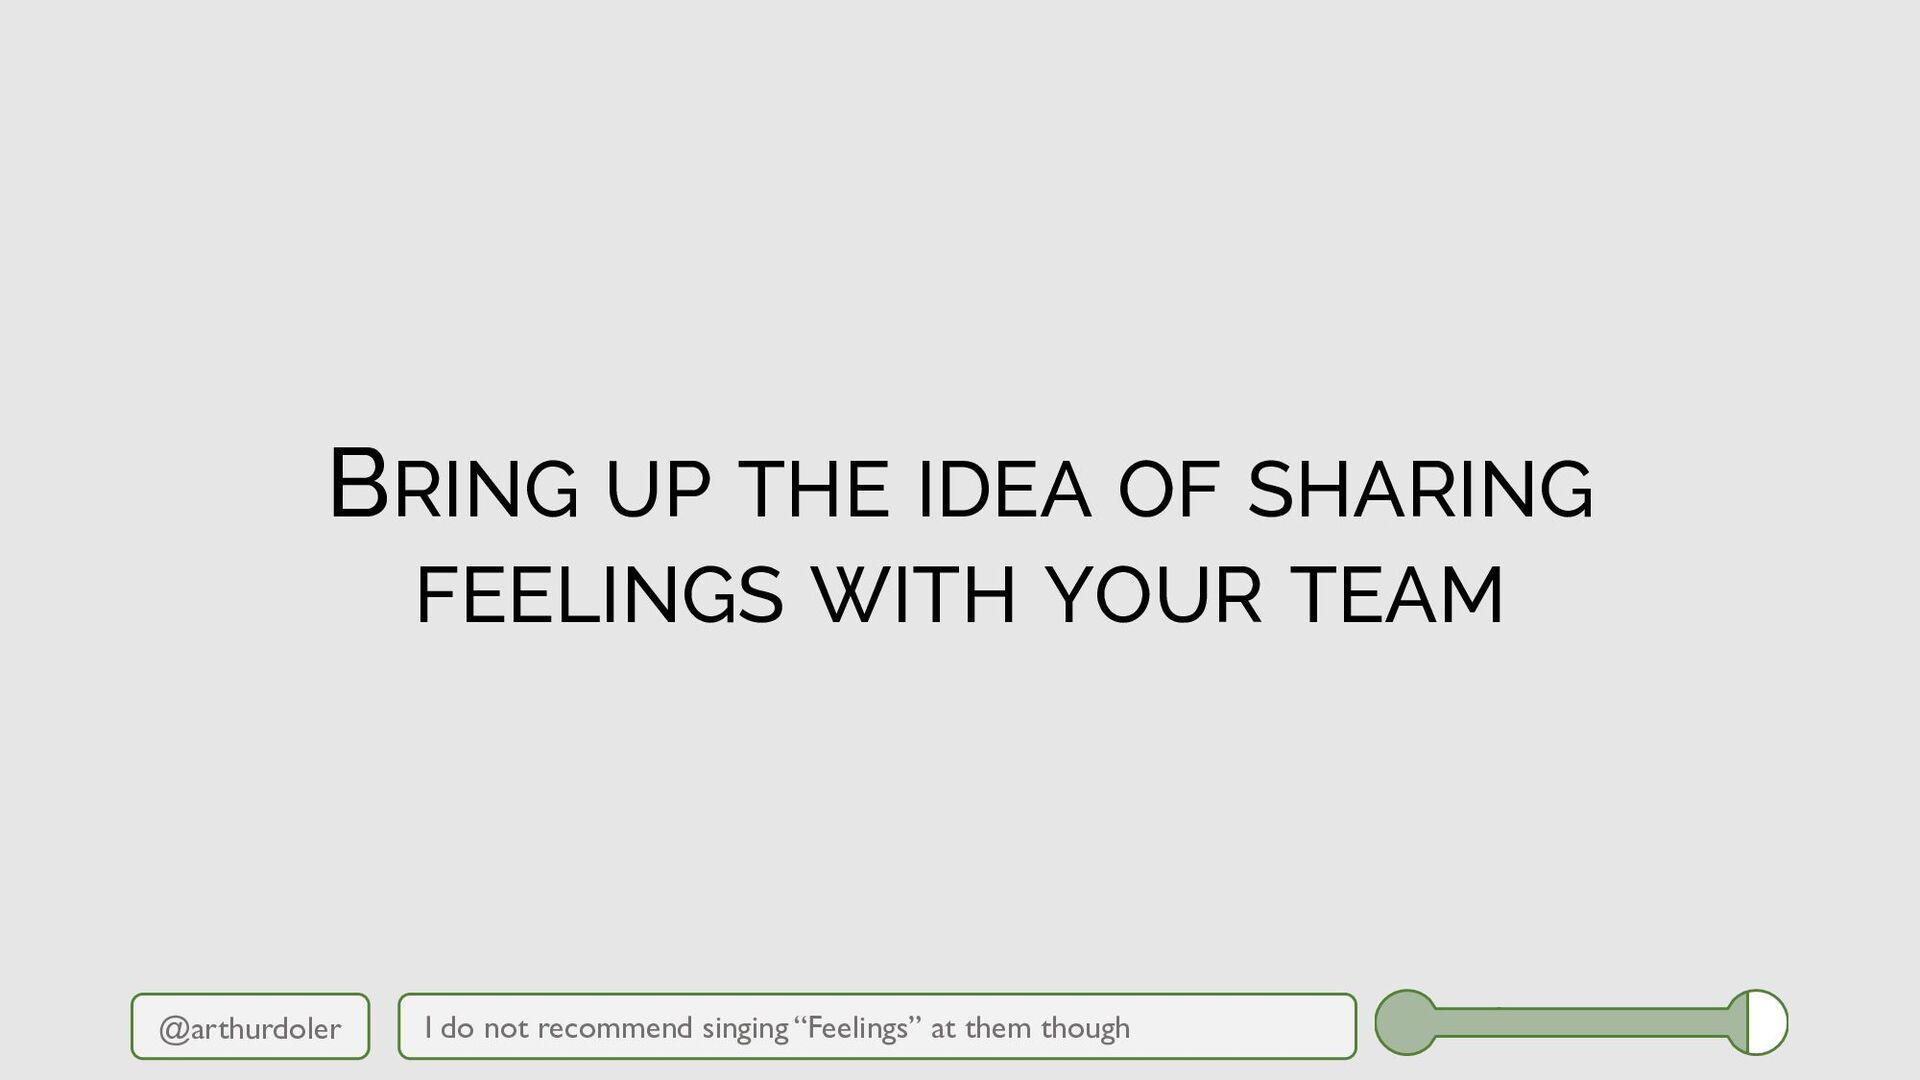 @arthurdoler BRING UP THE IDEA OF SHARING FEELI...